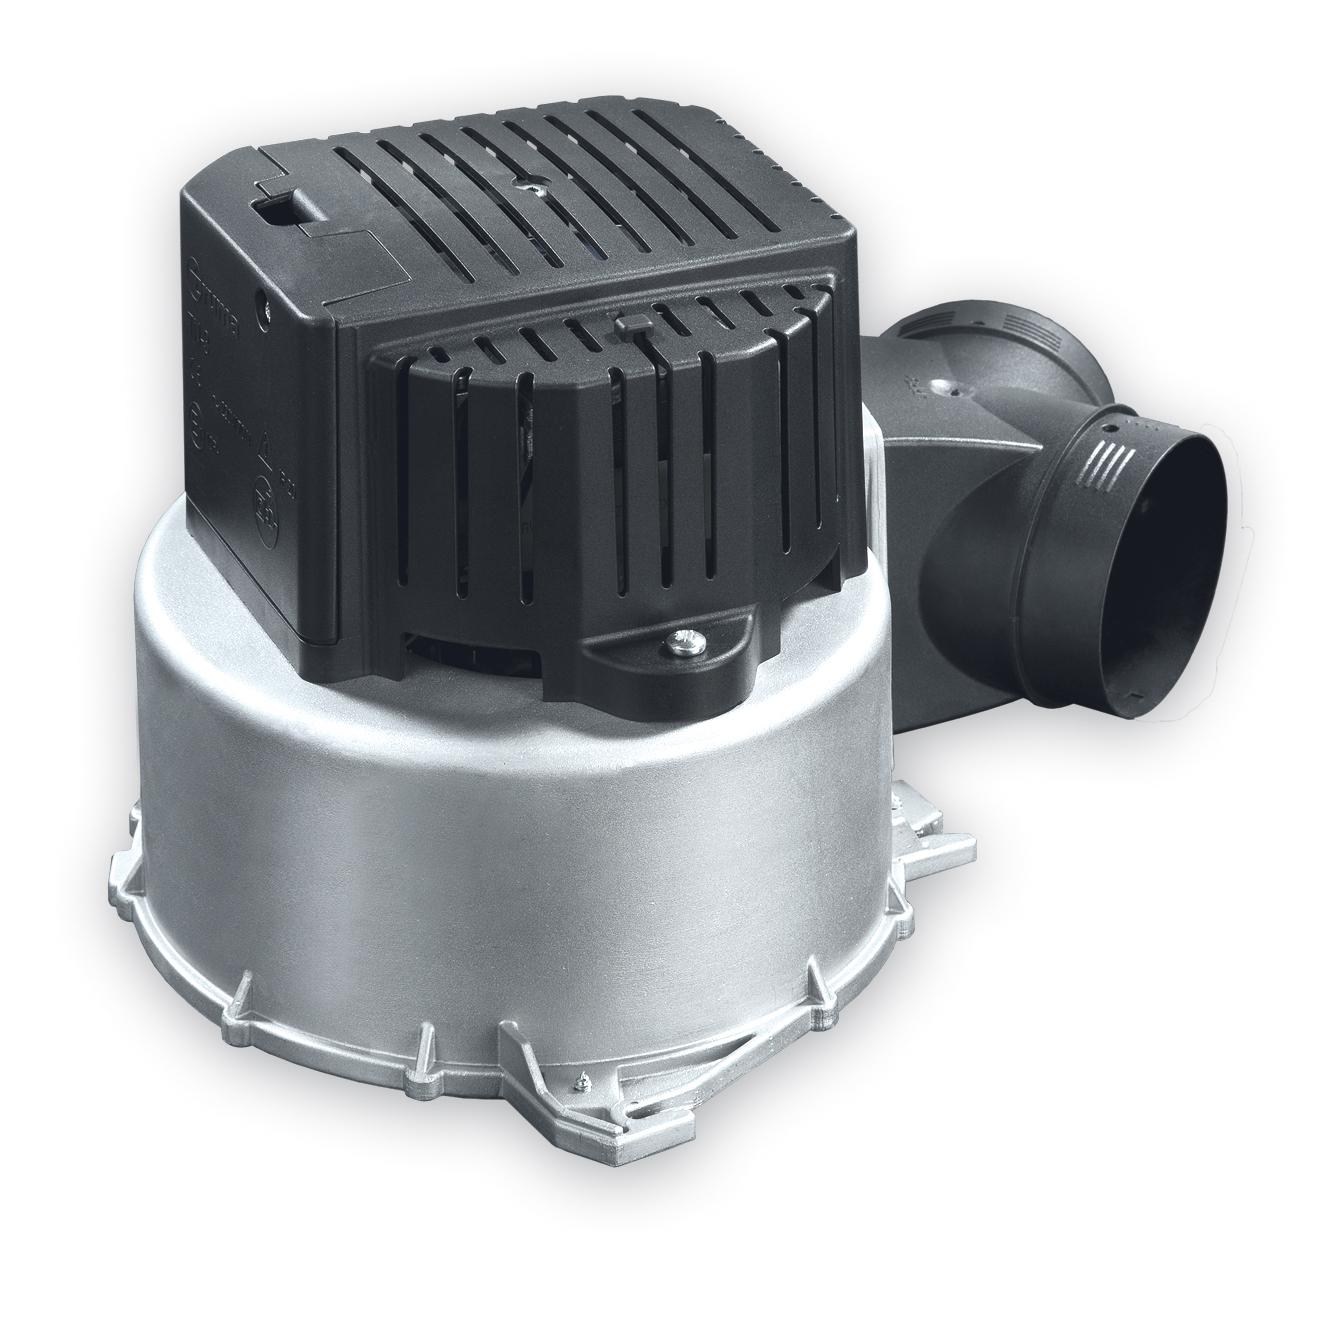 Truma Přídavný rozfuk Truma pro rozvod teplého vzduchu pro topení S3004 a S5004 TEB-3 s integrovanou